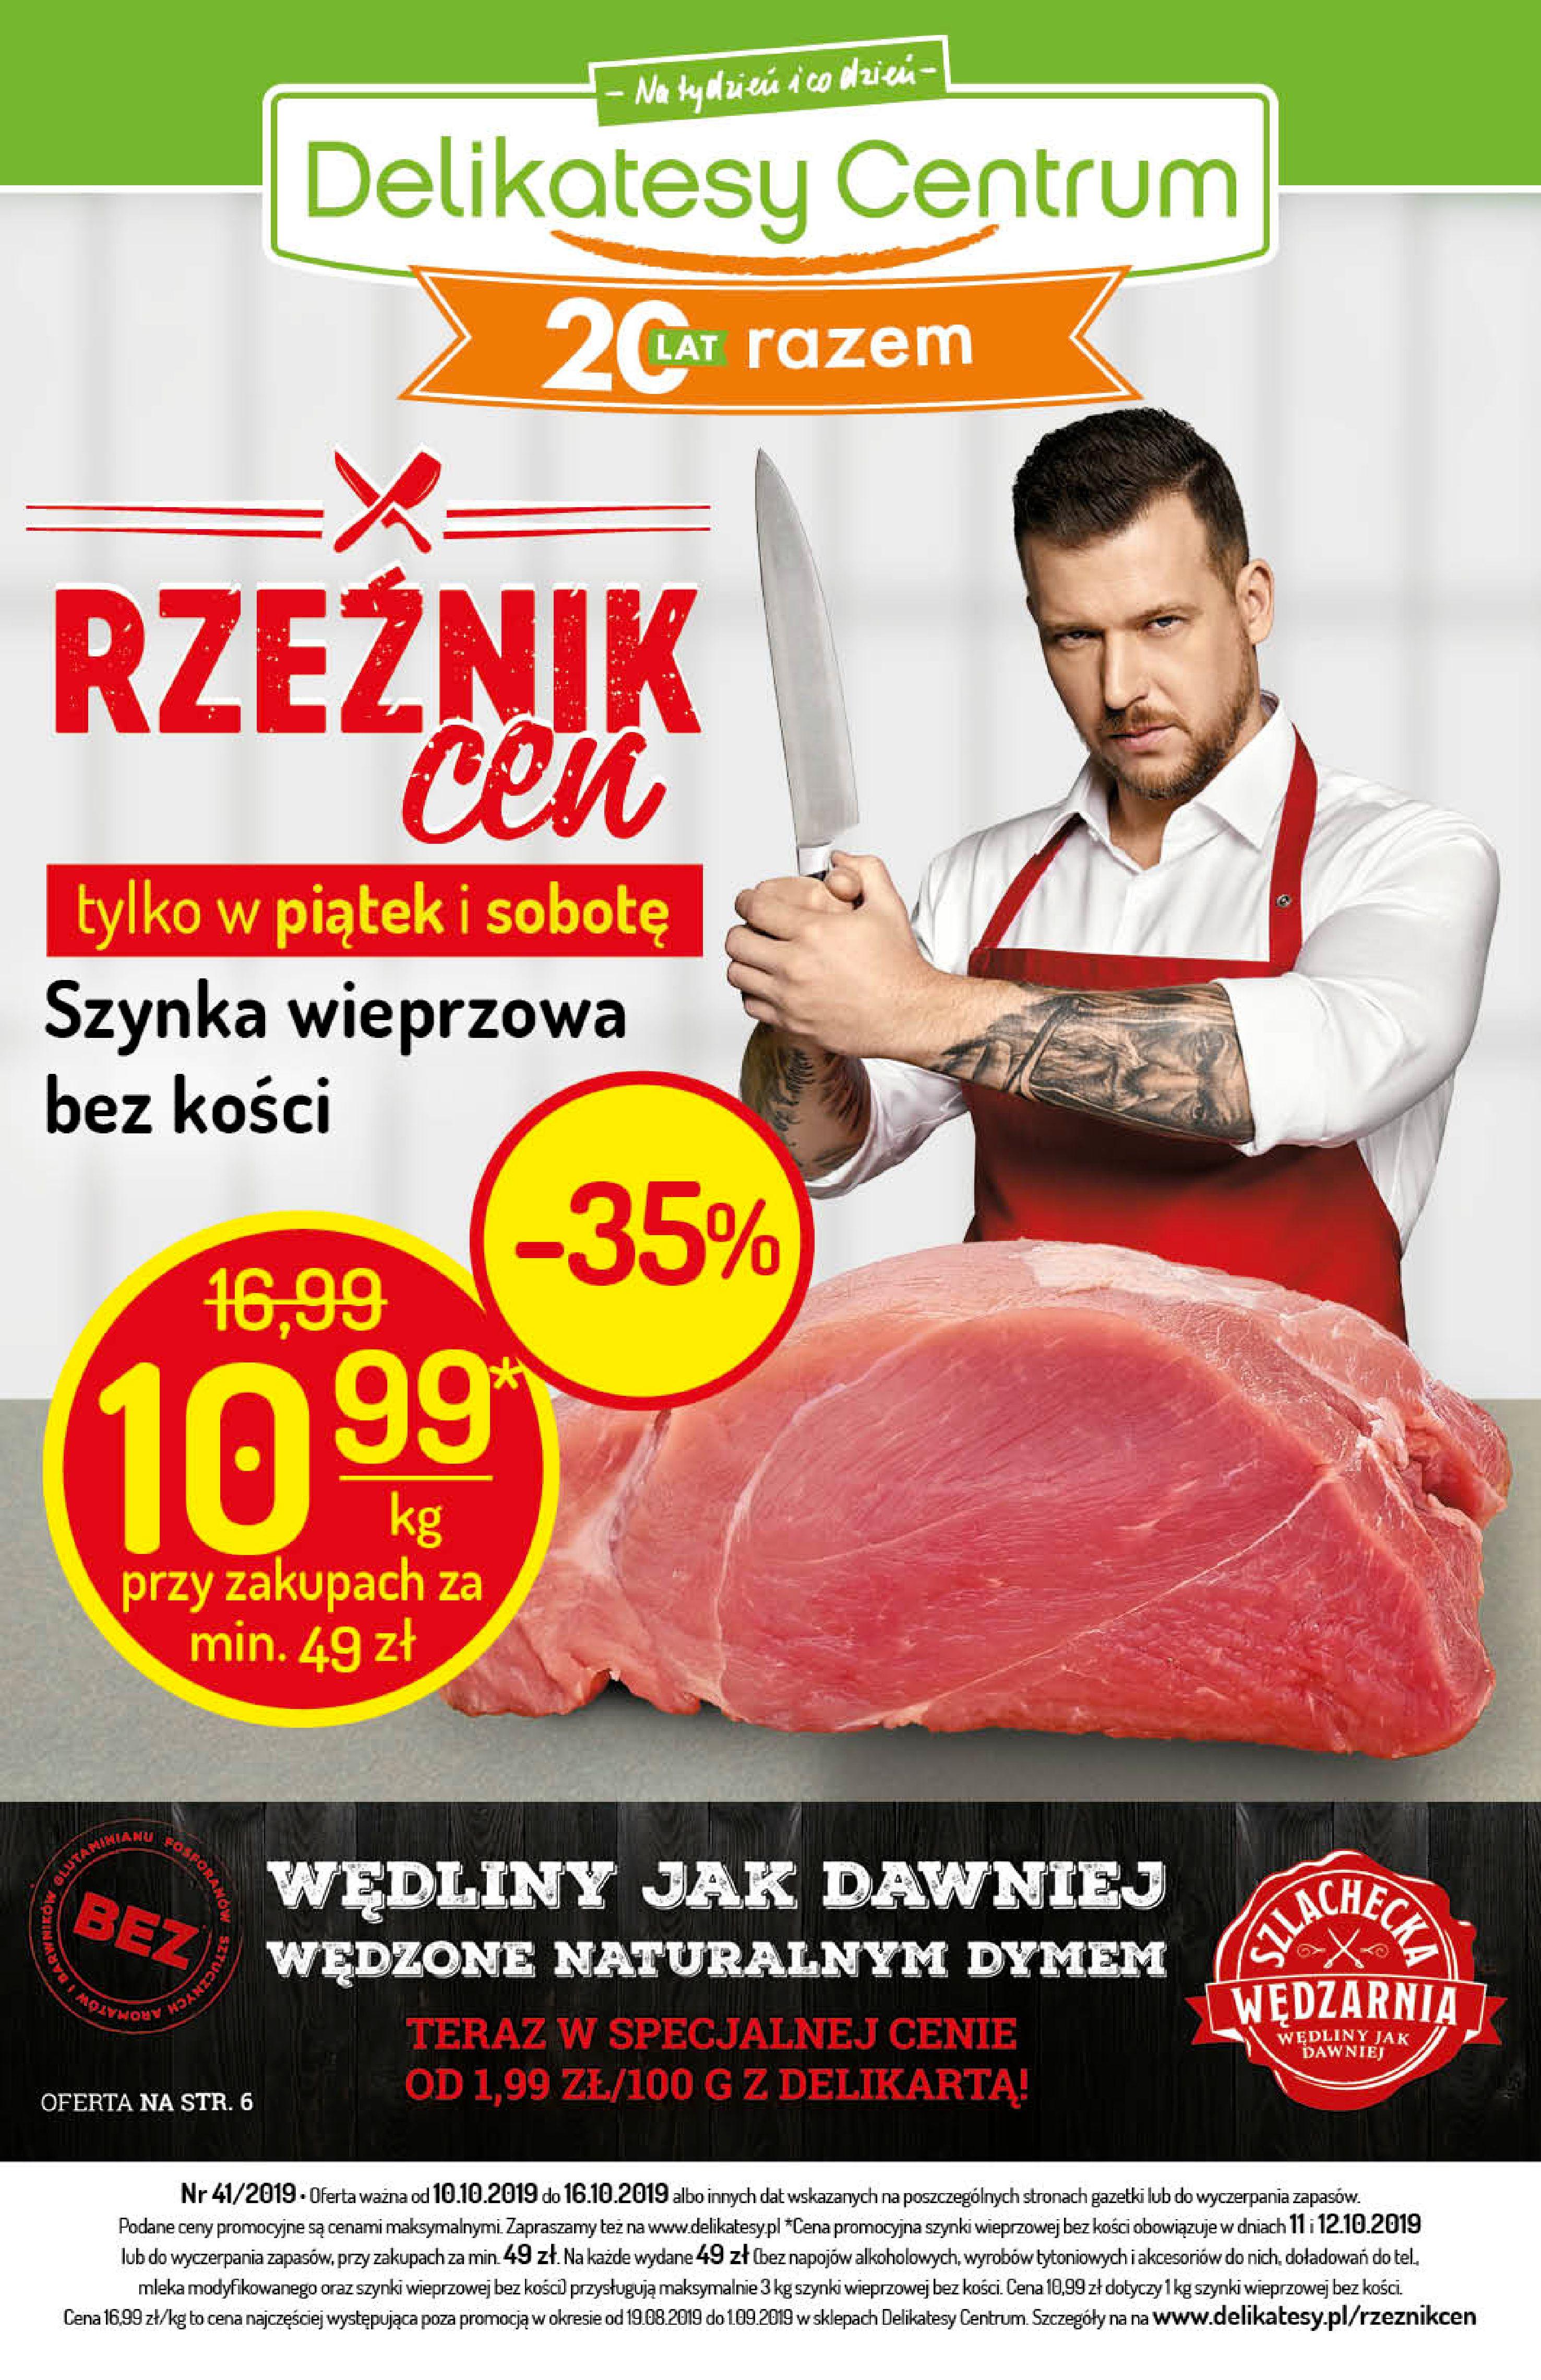 Gazetka Delikatesy Centrum - Oferta na art. spożywcze i kosmetyki-09.10.2019-16.10.2019-page-1